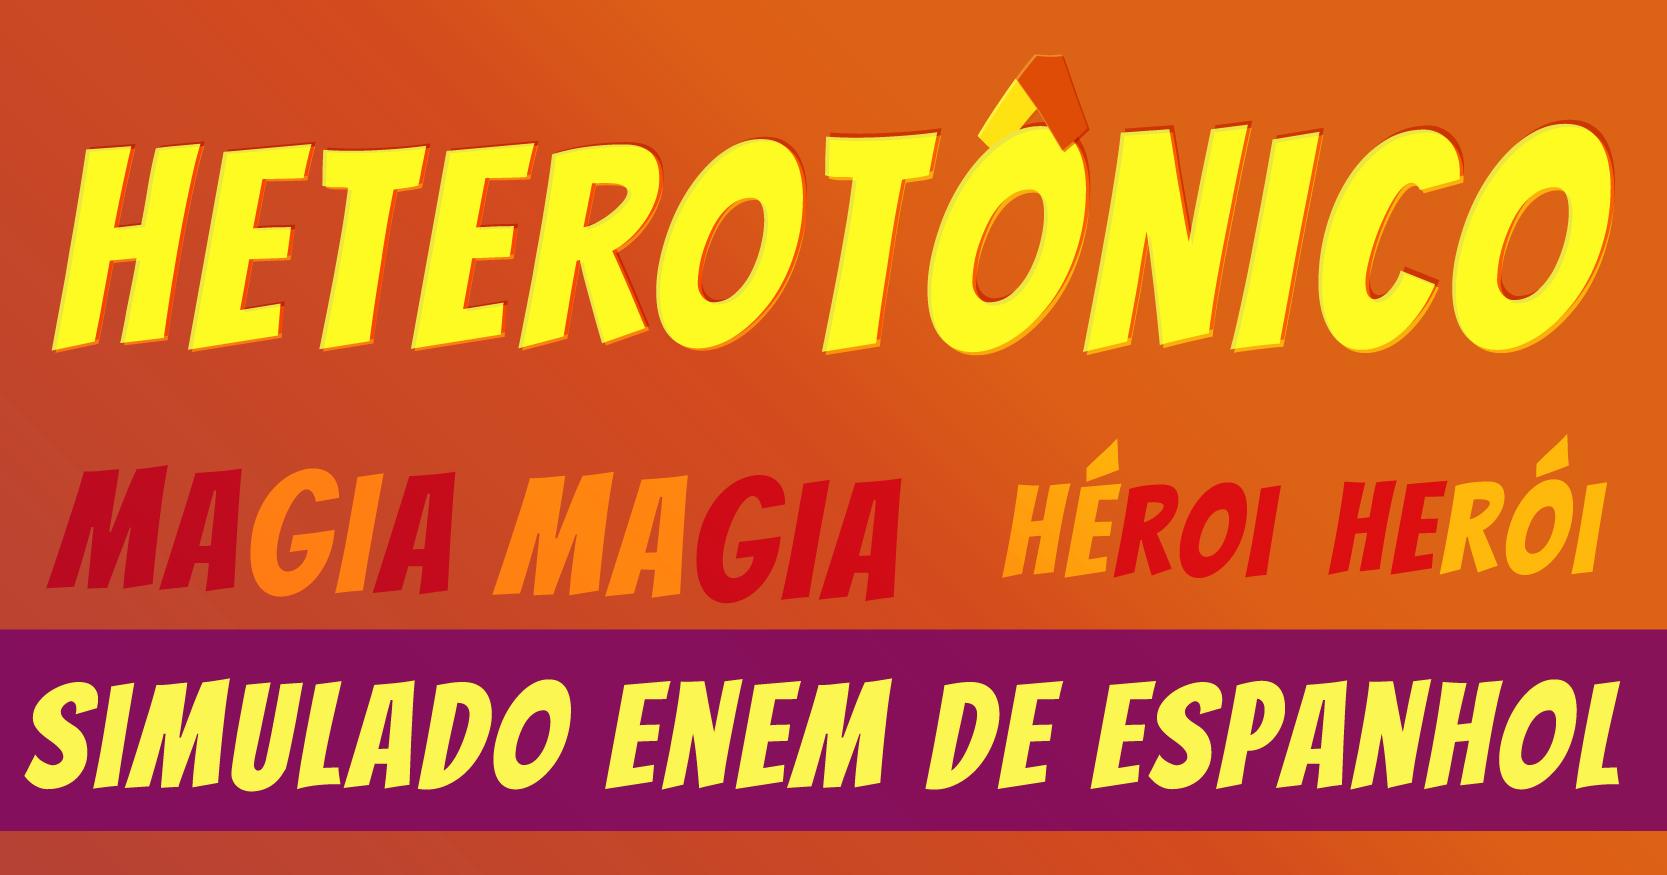 simulado de heterotonicos